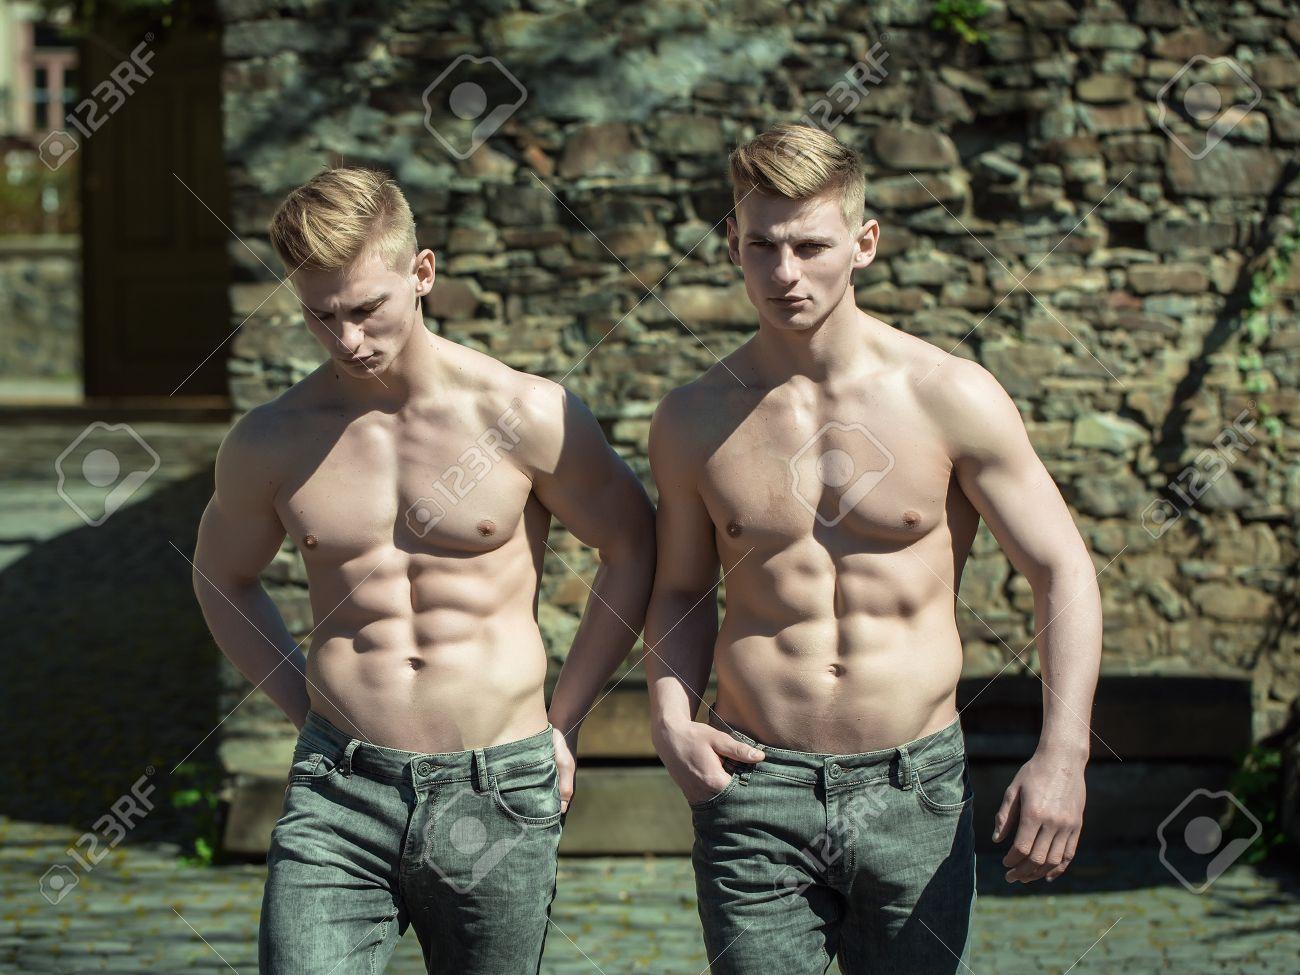 modèles masculins nus photos adolescent nu propagation